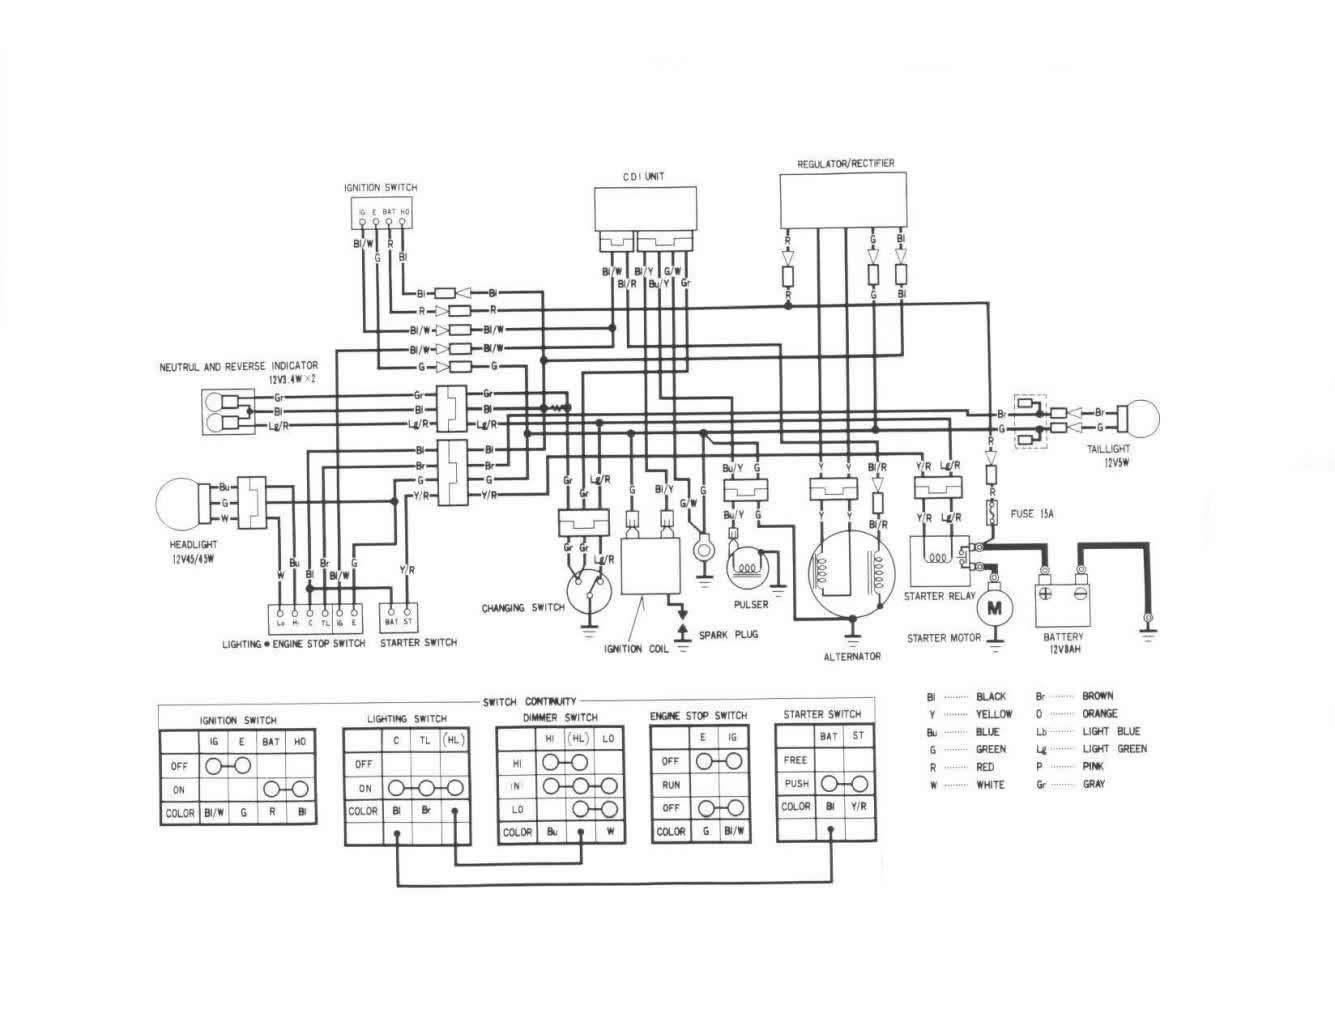 1988 Kawasaki Bayou 300 Wiring Diagram Detailed Schematics 185 400 4x4 Best And Letter Atv